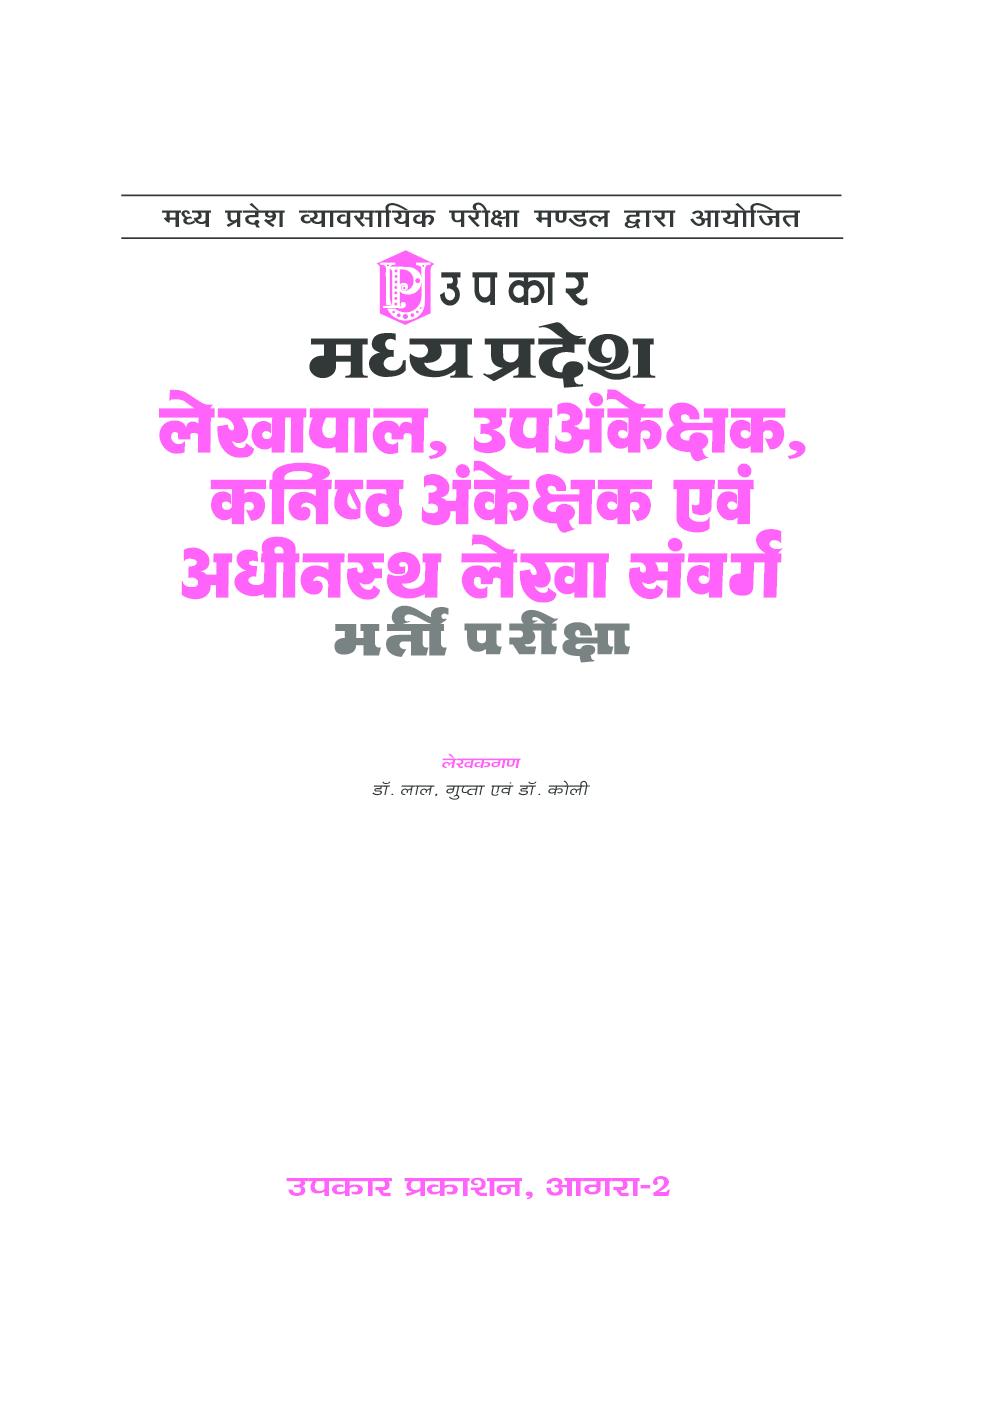 मध्य प्रदेश लेखपाल, उपअंकेक्षक, कनिष्ठ अंकेक्षक एवं  अधीनस्थ लेखा संवर्ग भर्ती परीक्षा  - Page 2